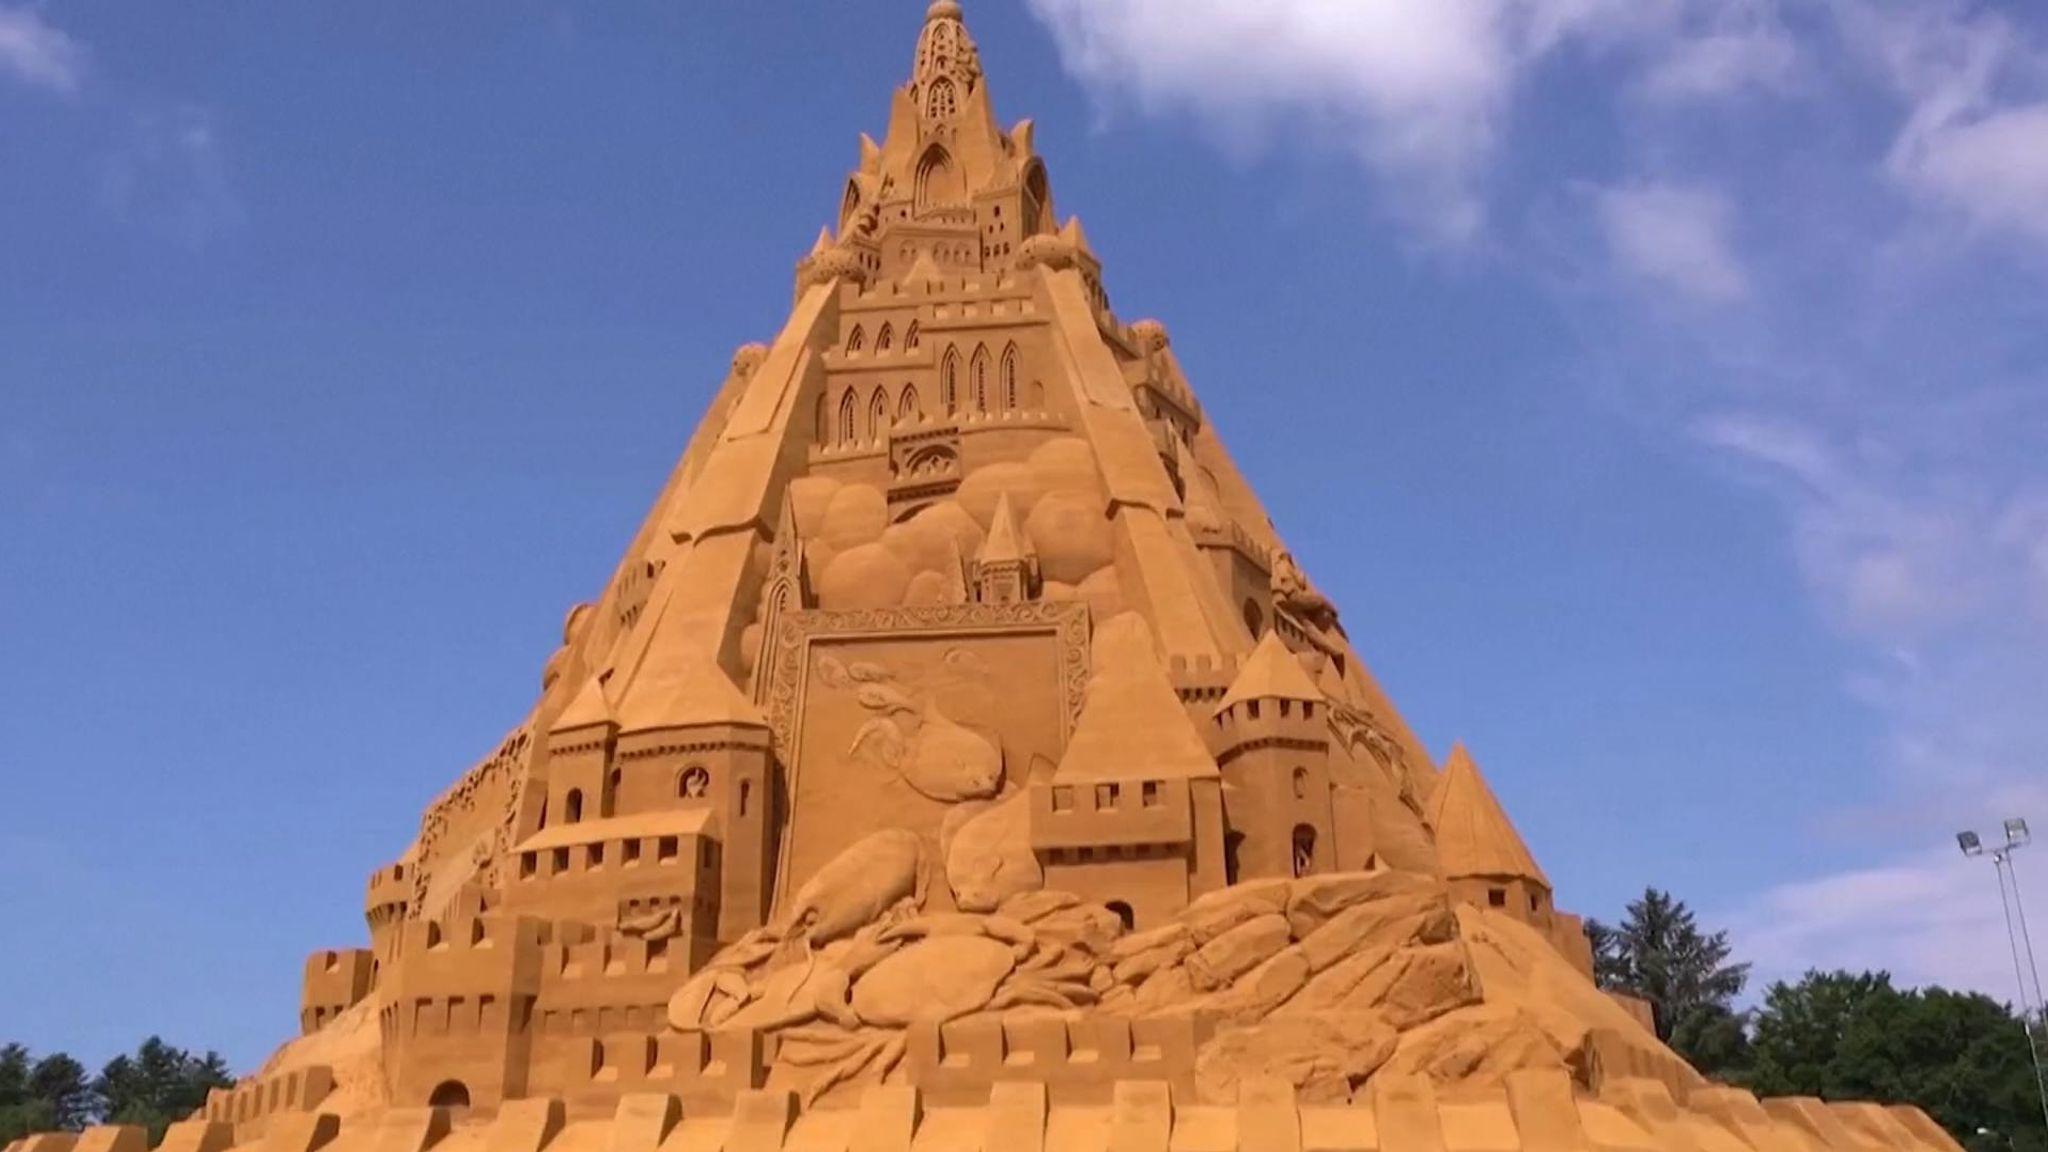 В Дании построили самый большой в мире замок из песка. Он олицетворяет силу коронавируса